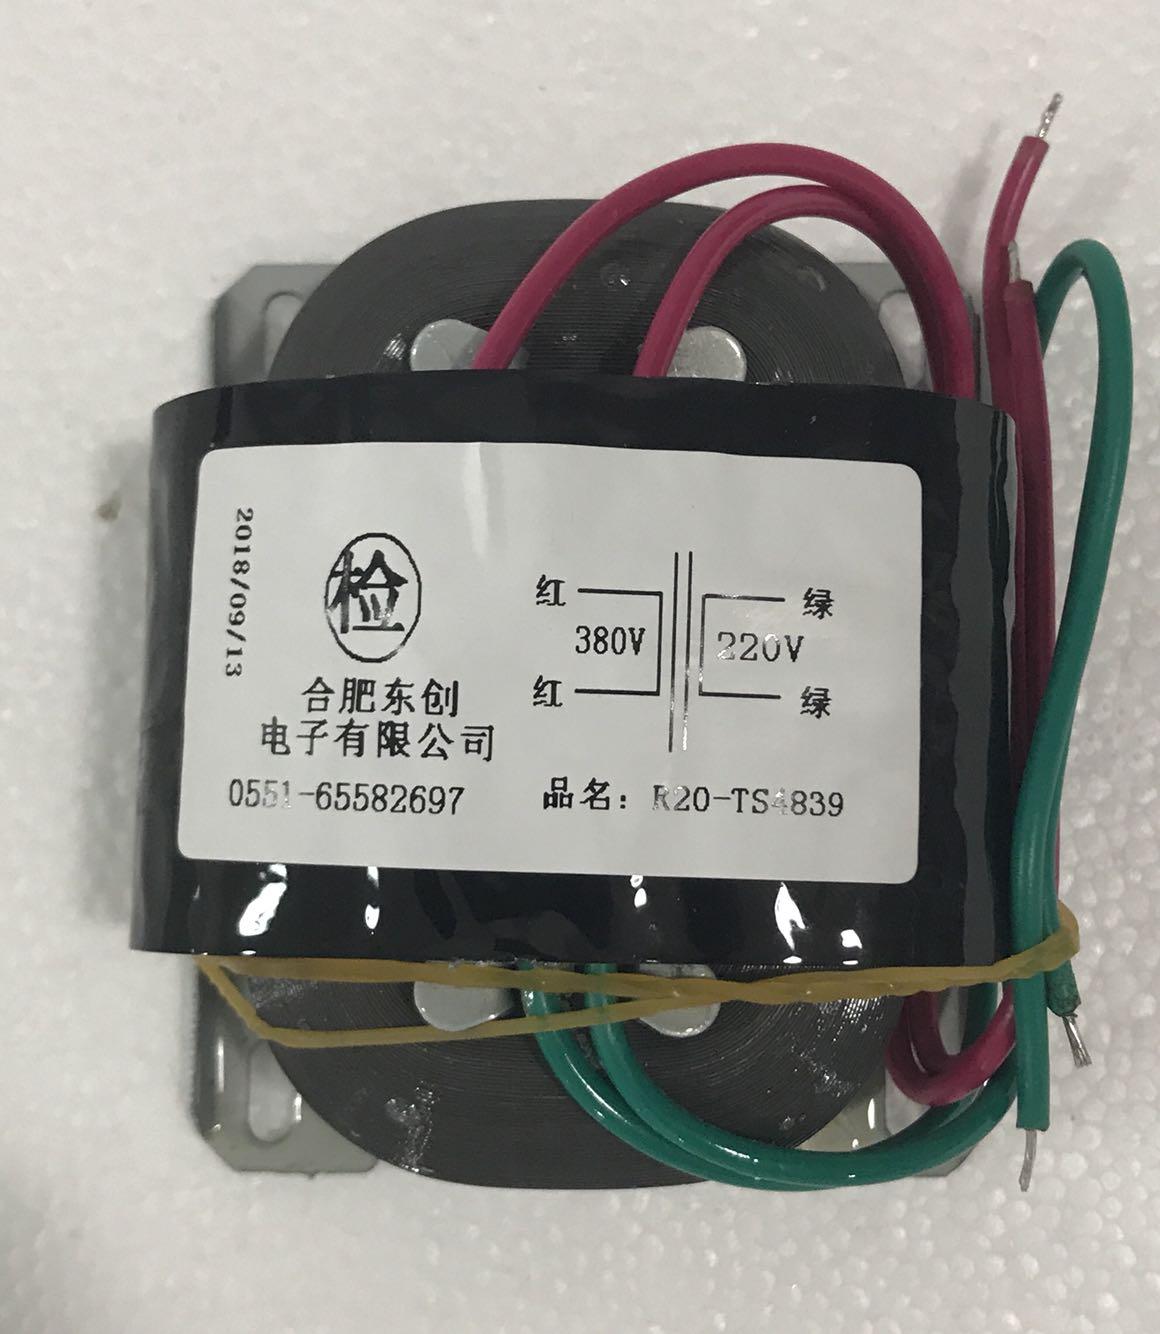 220V 0.12A Transformer R Core R20 custom transformer 380V 26VA copper shield Traffic light special transformer220V 0.12A Transformer R Core R20 custom transformer 380V 26VA copper shield Traffic light special transformer